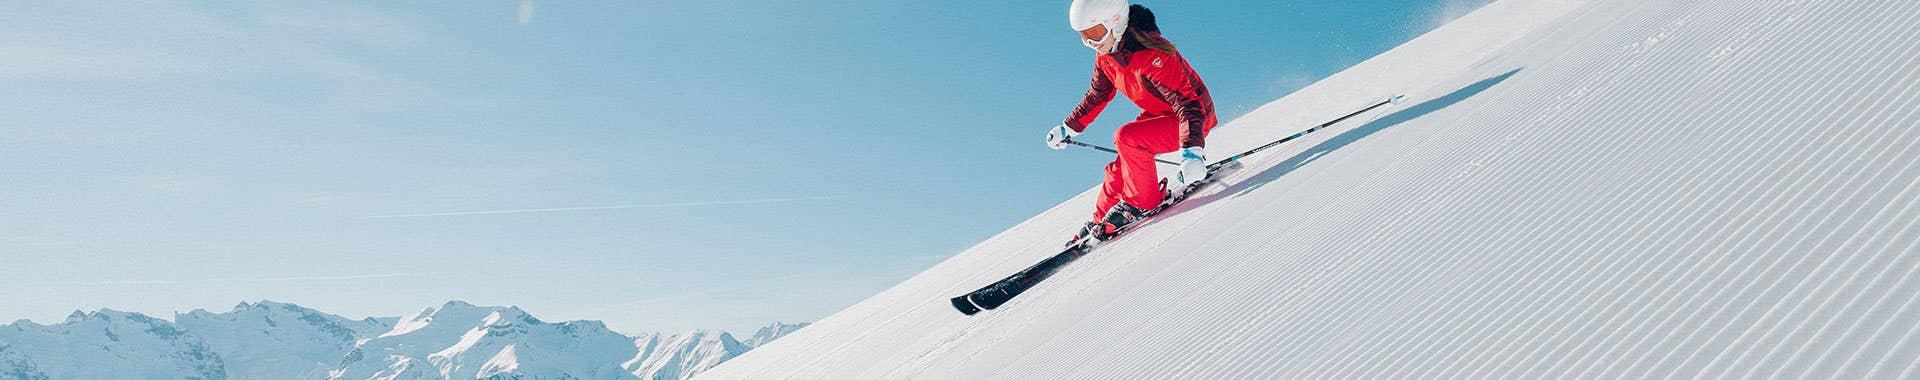 On piste skis